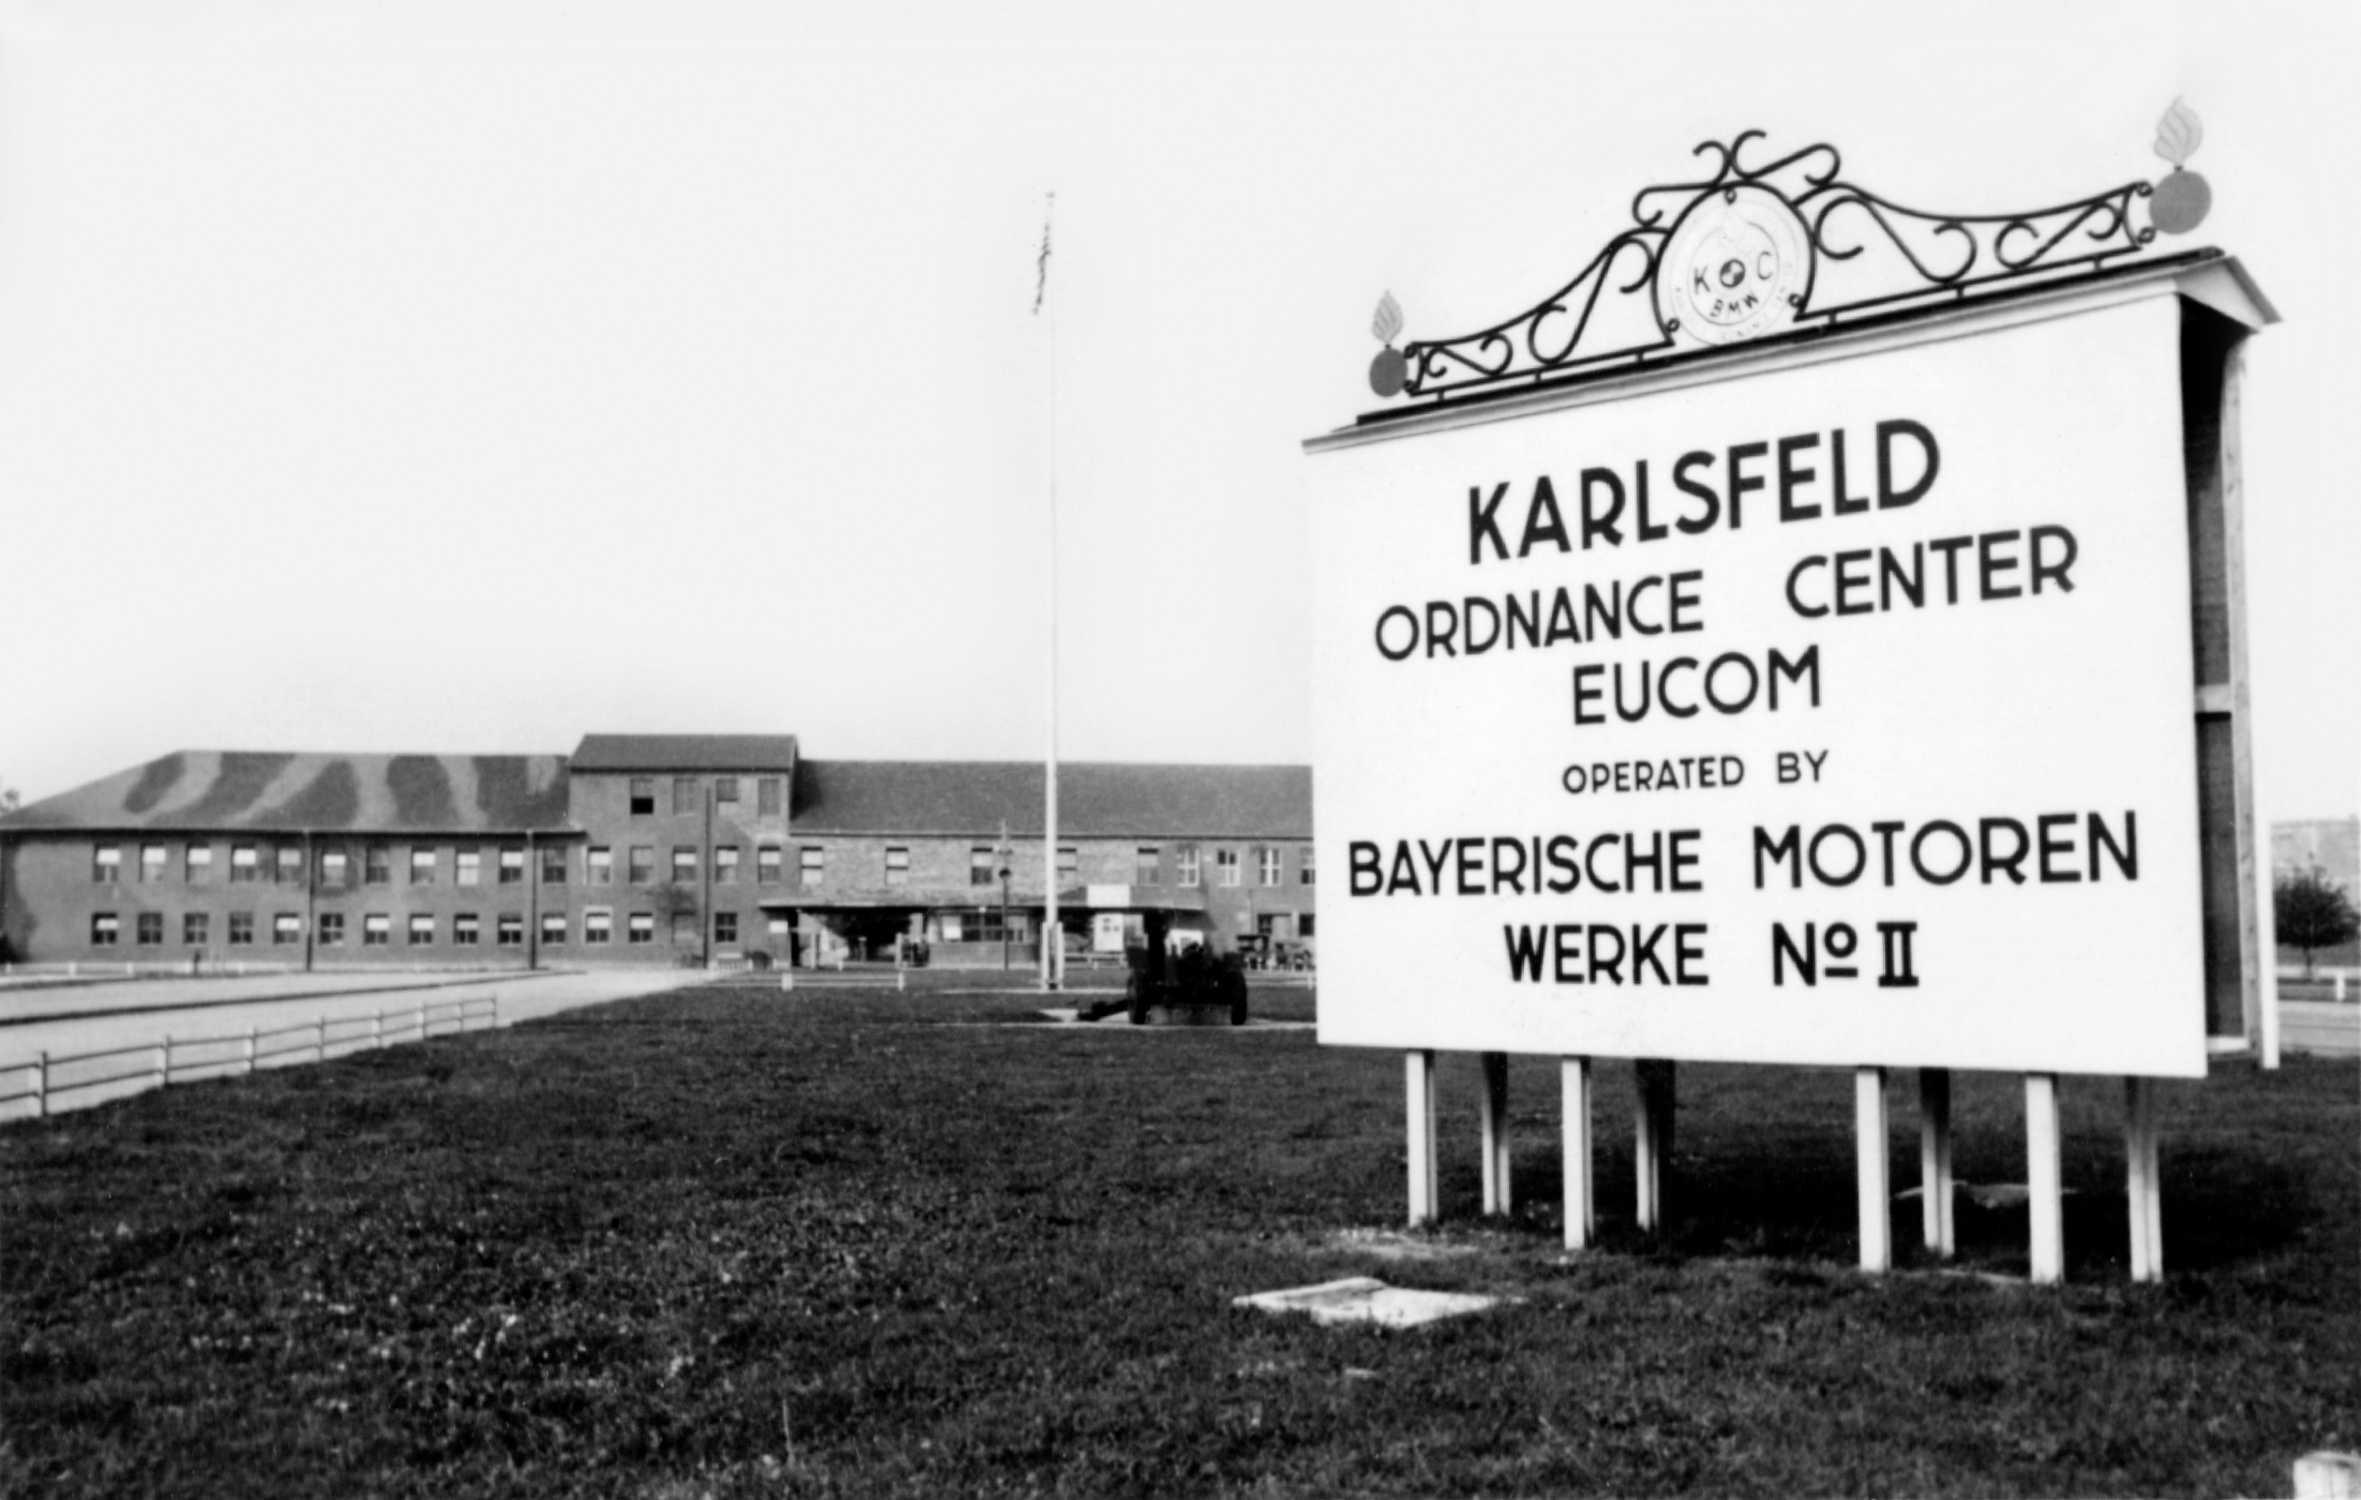 Karlsfeld Ordnance Center (11/2020)